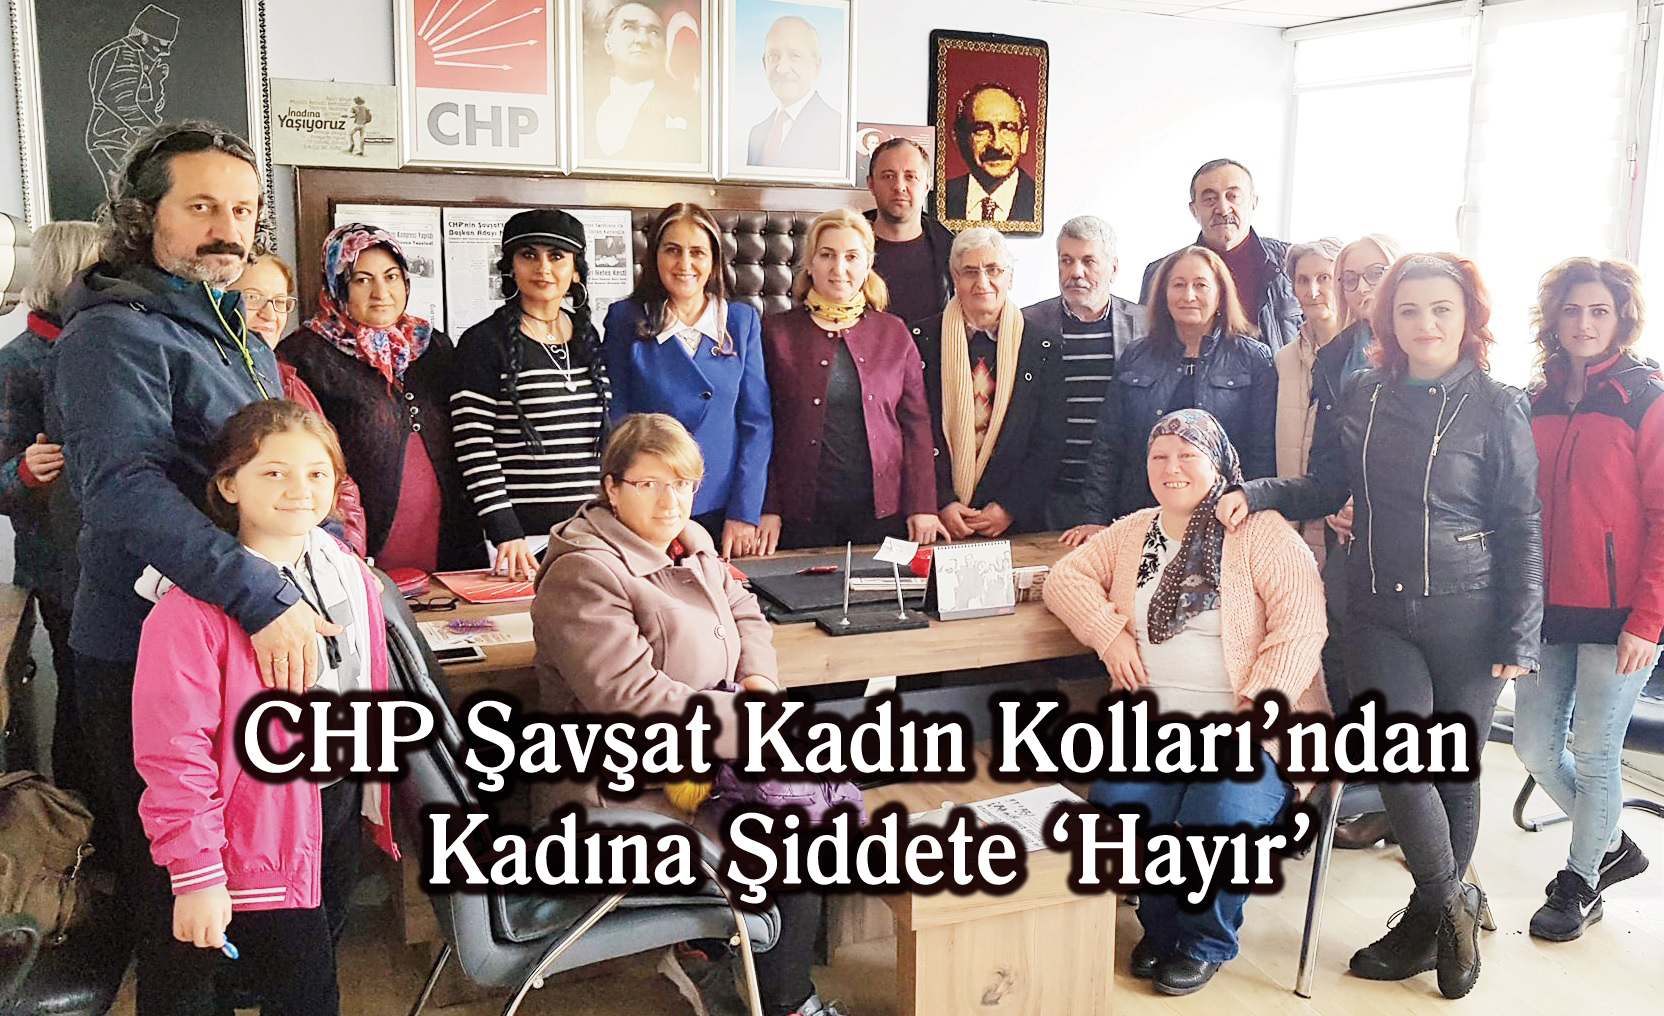 CHP Şavşat Kadın Kolları'ndan Kadına Şiddete 'Hayır'